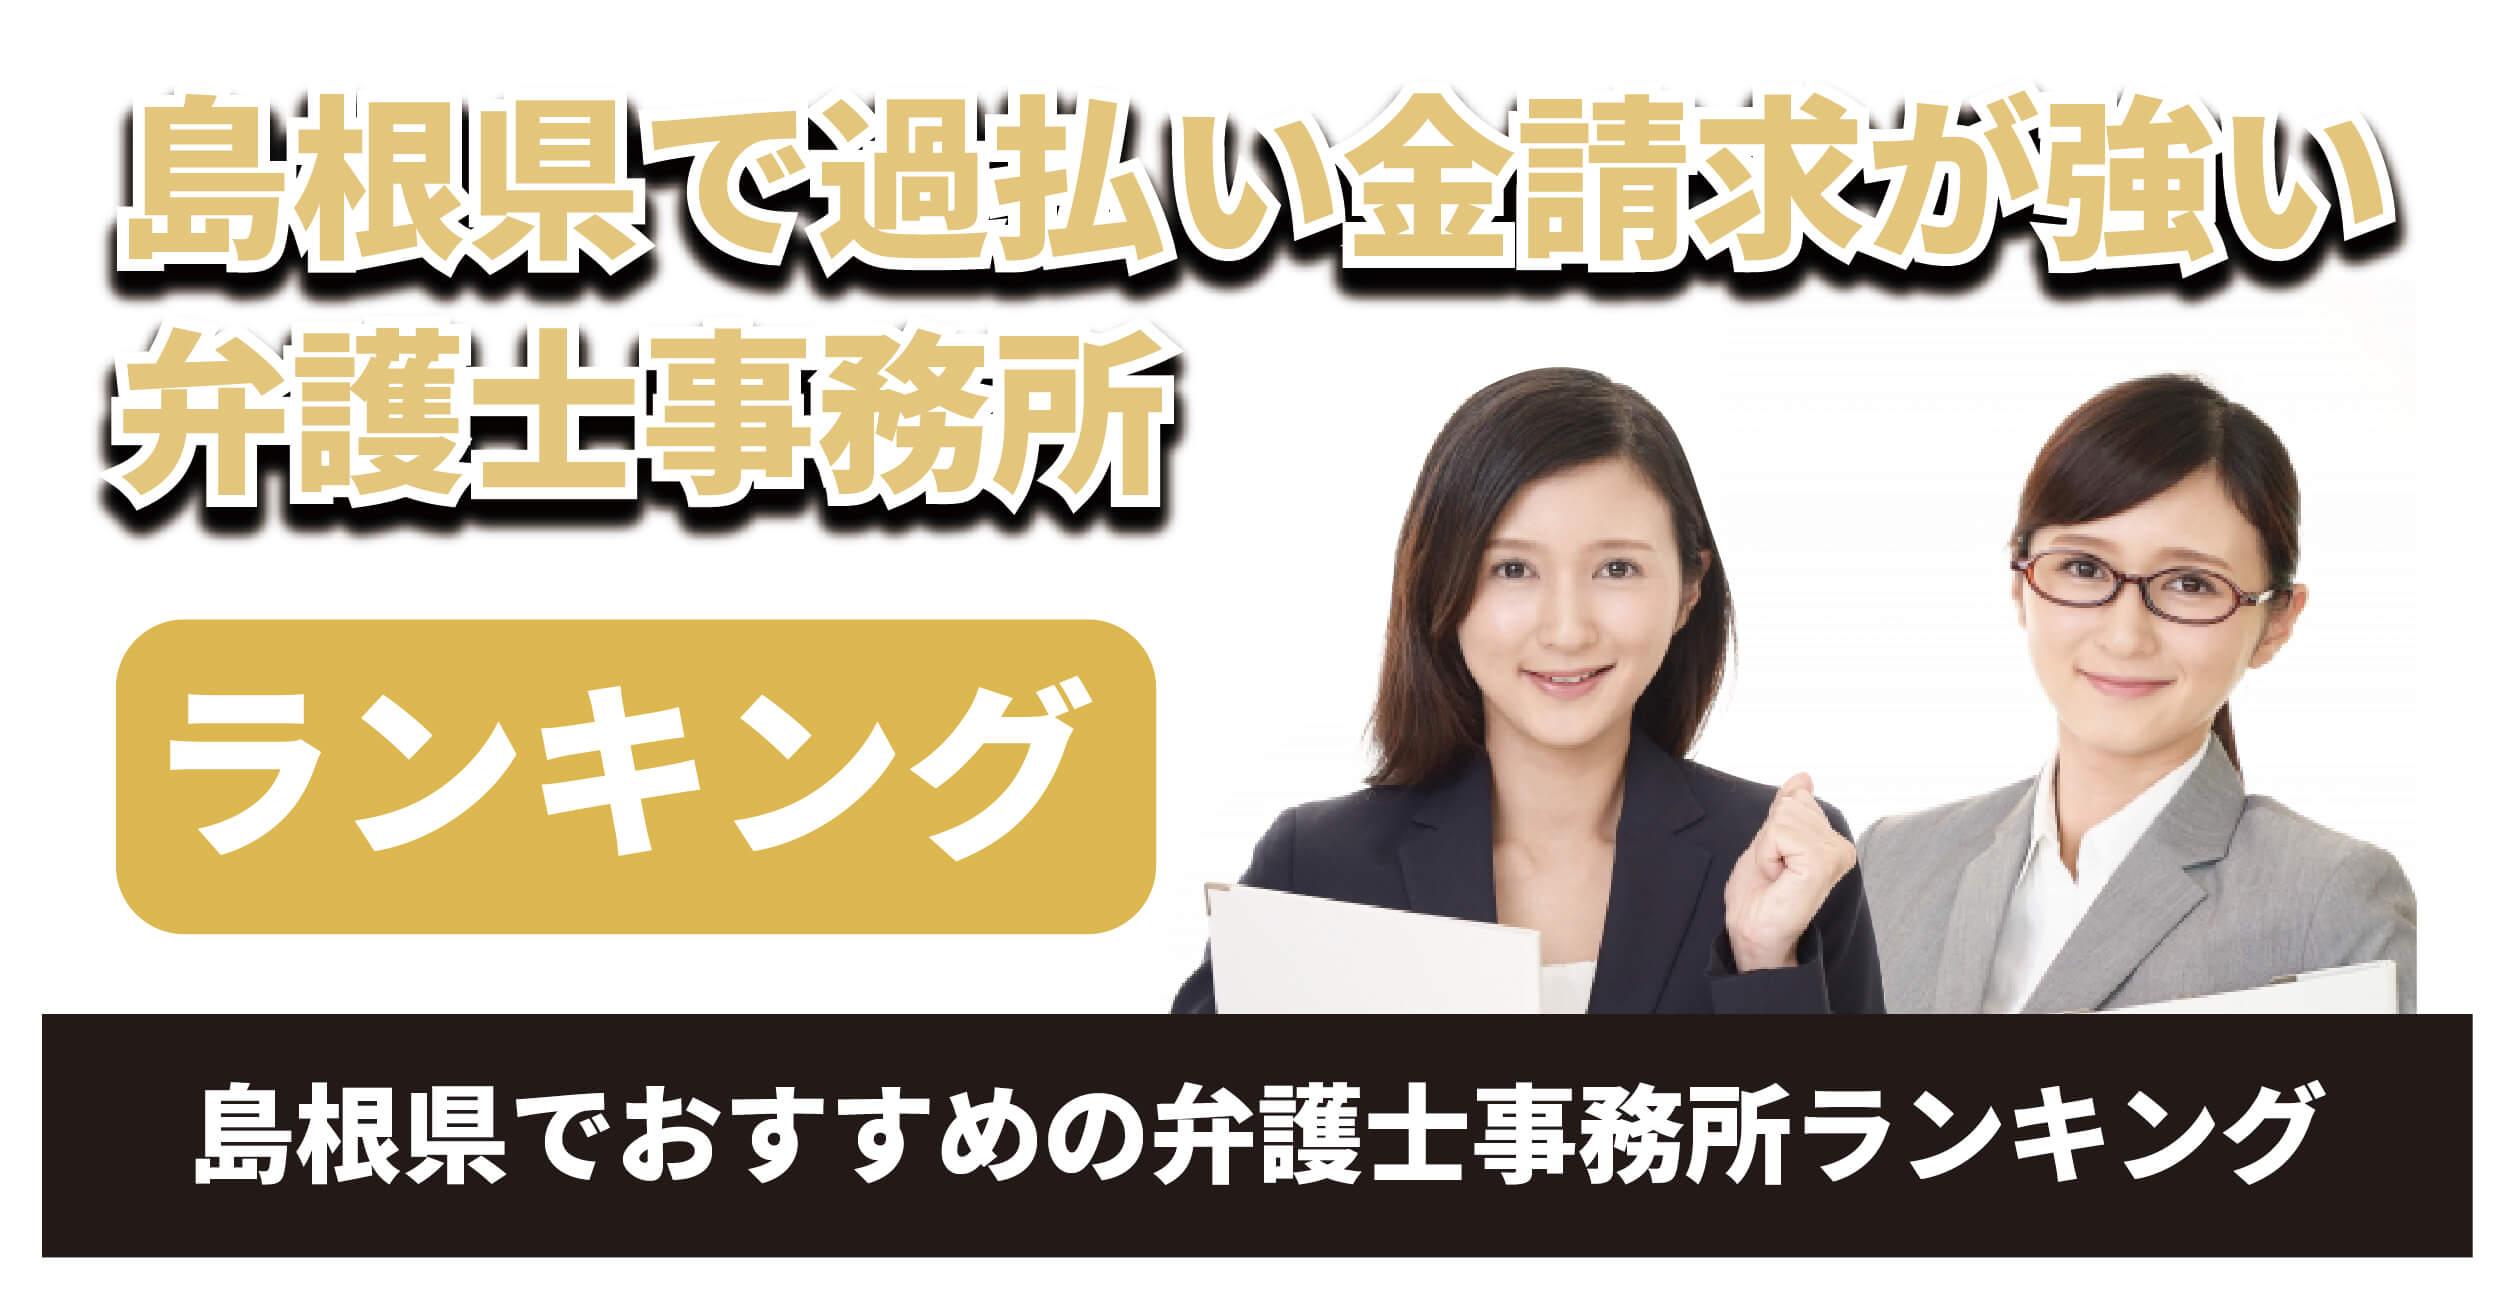 島根県で過払い金請求が強い弁護士は?